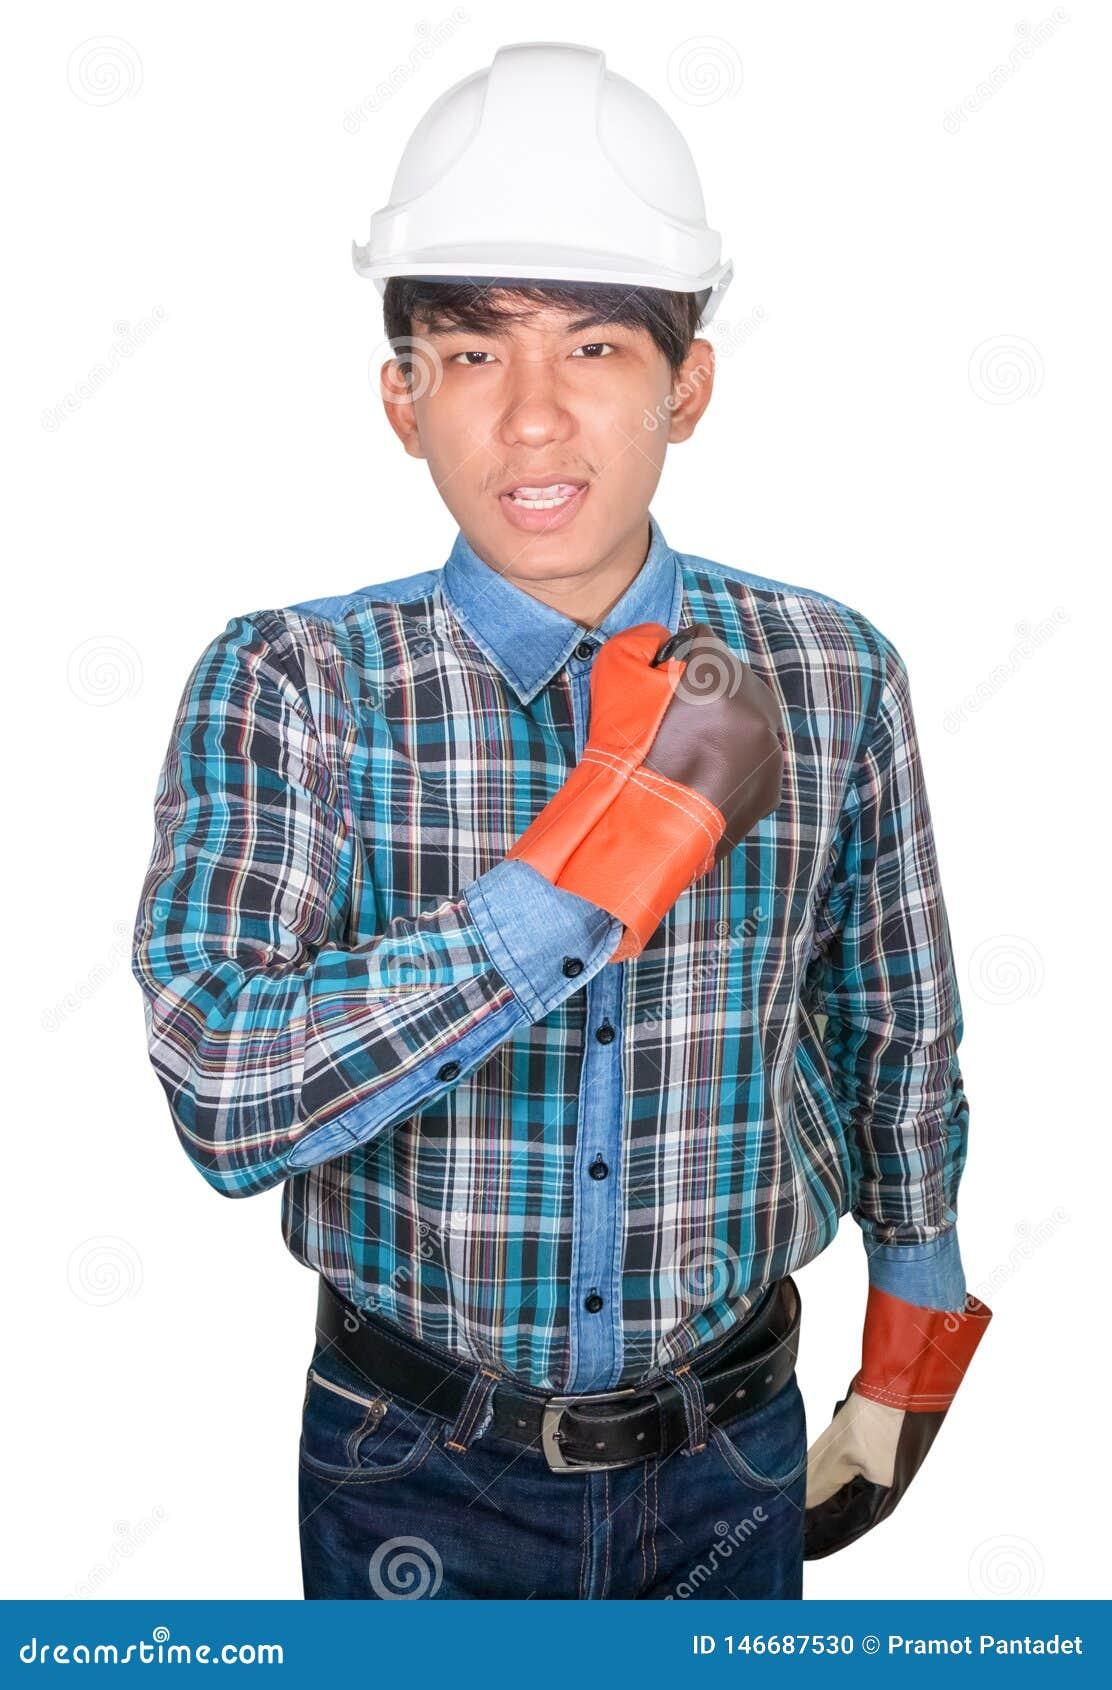 Dirigiendo el pu?o de la mano que hace desgaste del s?mbolo el azul de la camisa rayada y el cuero del guante con el casco de seg